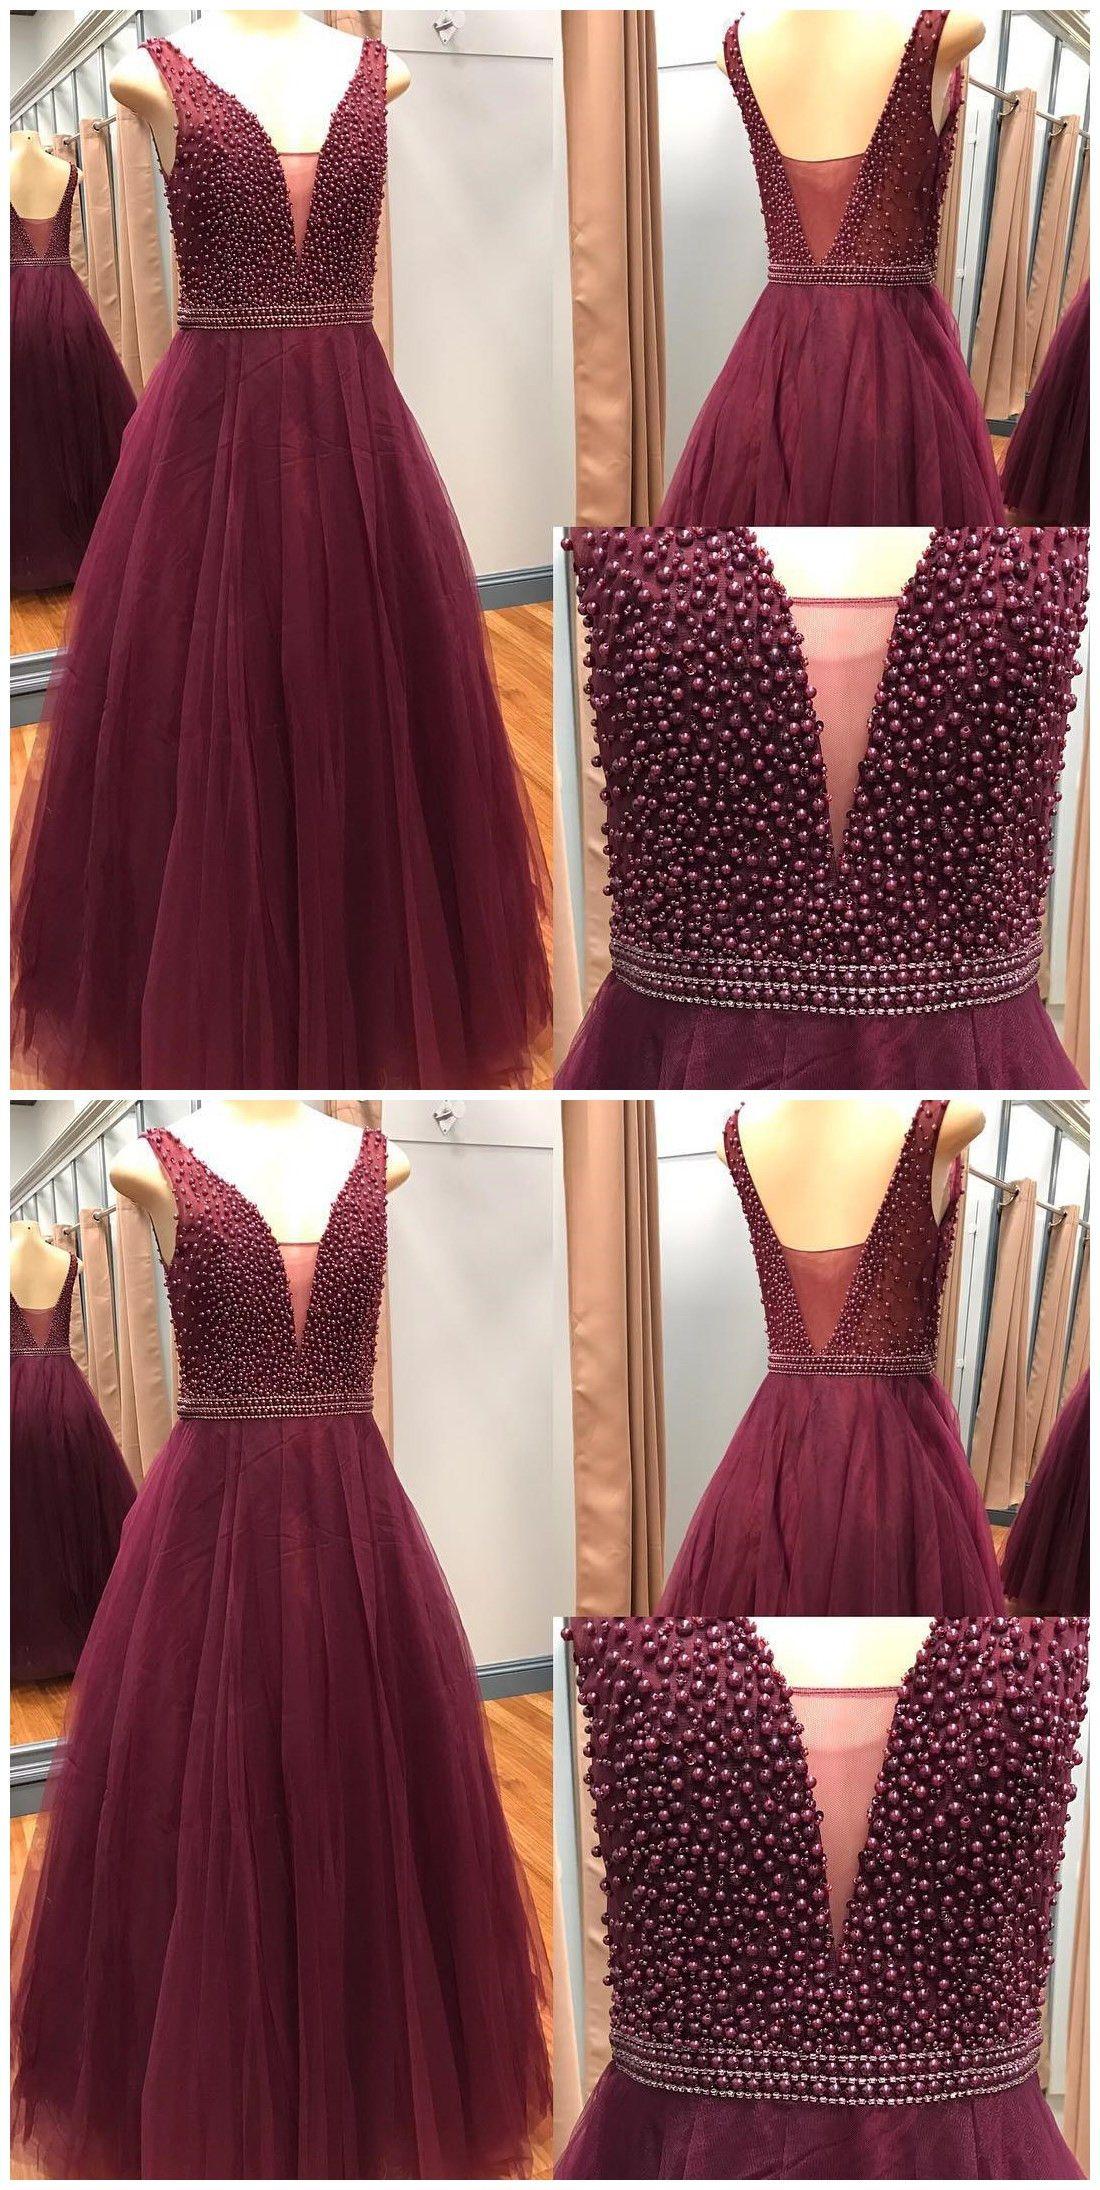 Elegant beaded long prom dress v neck tulle prom pinterest